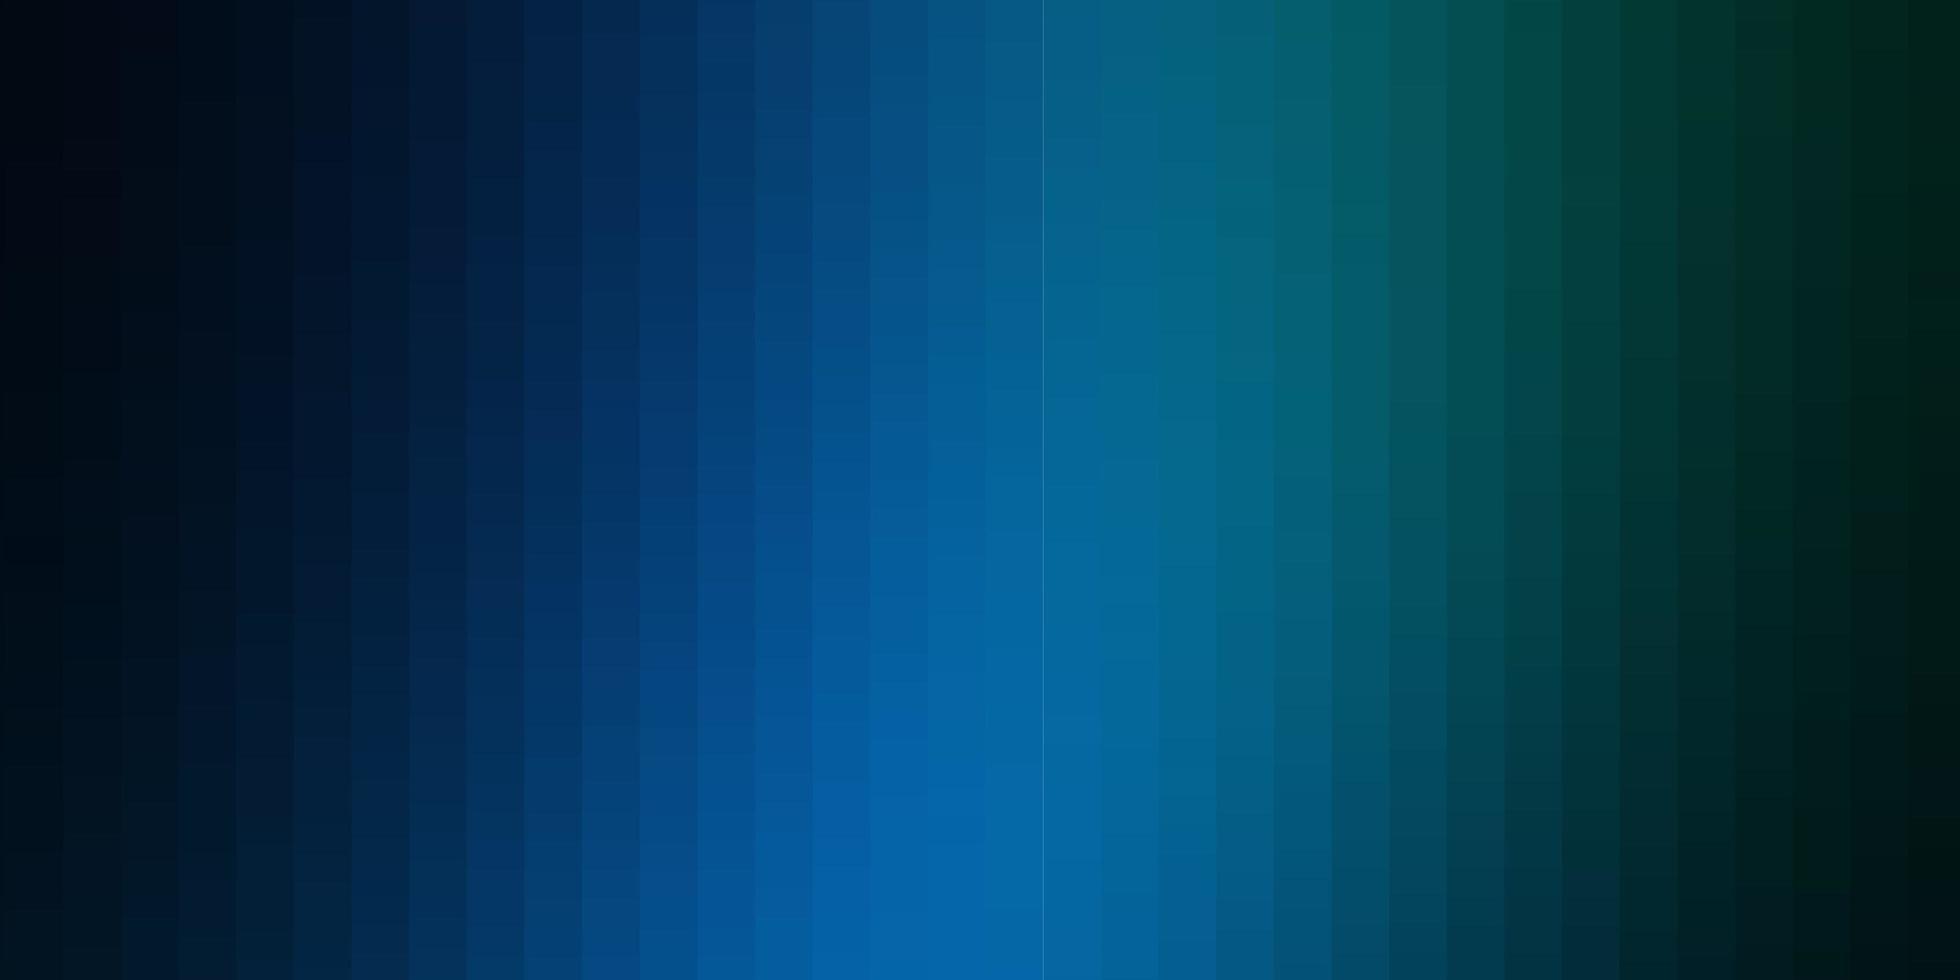 ljusblå, grön vektorbakgrund i polygonal stil. vektor